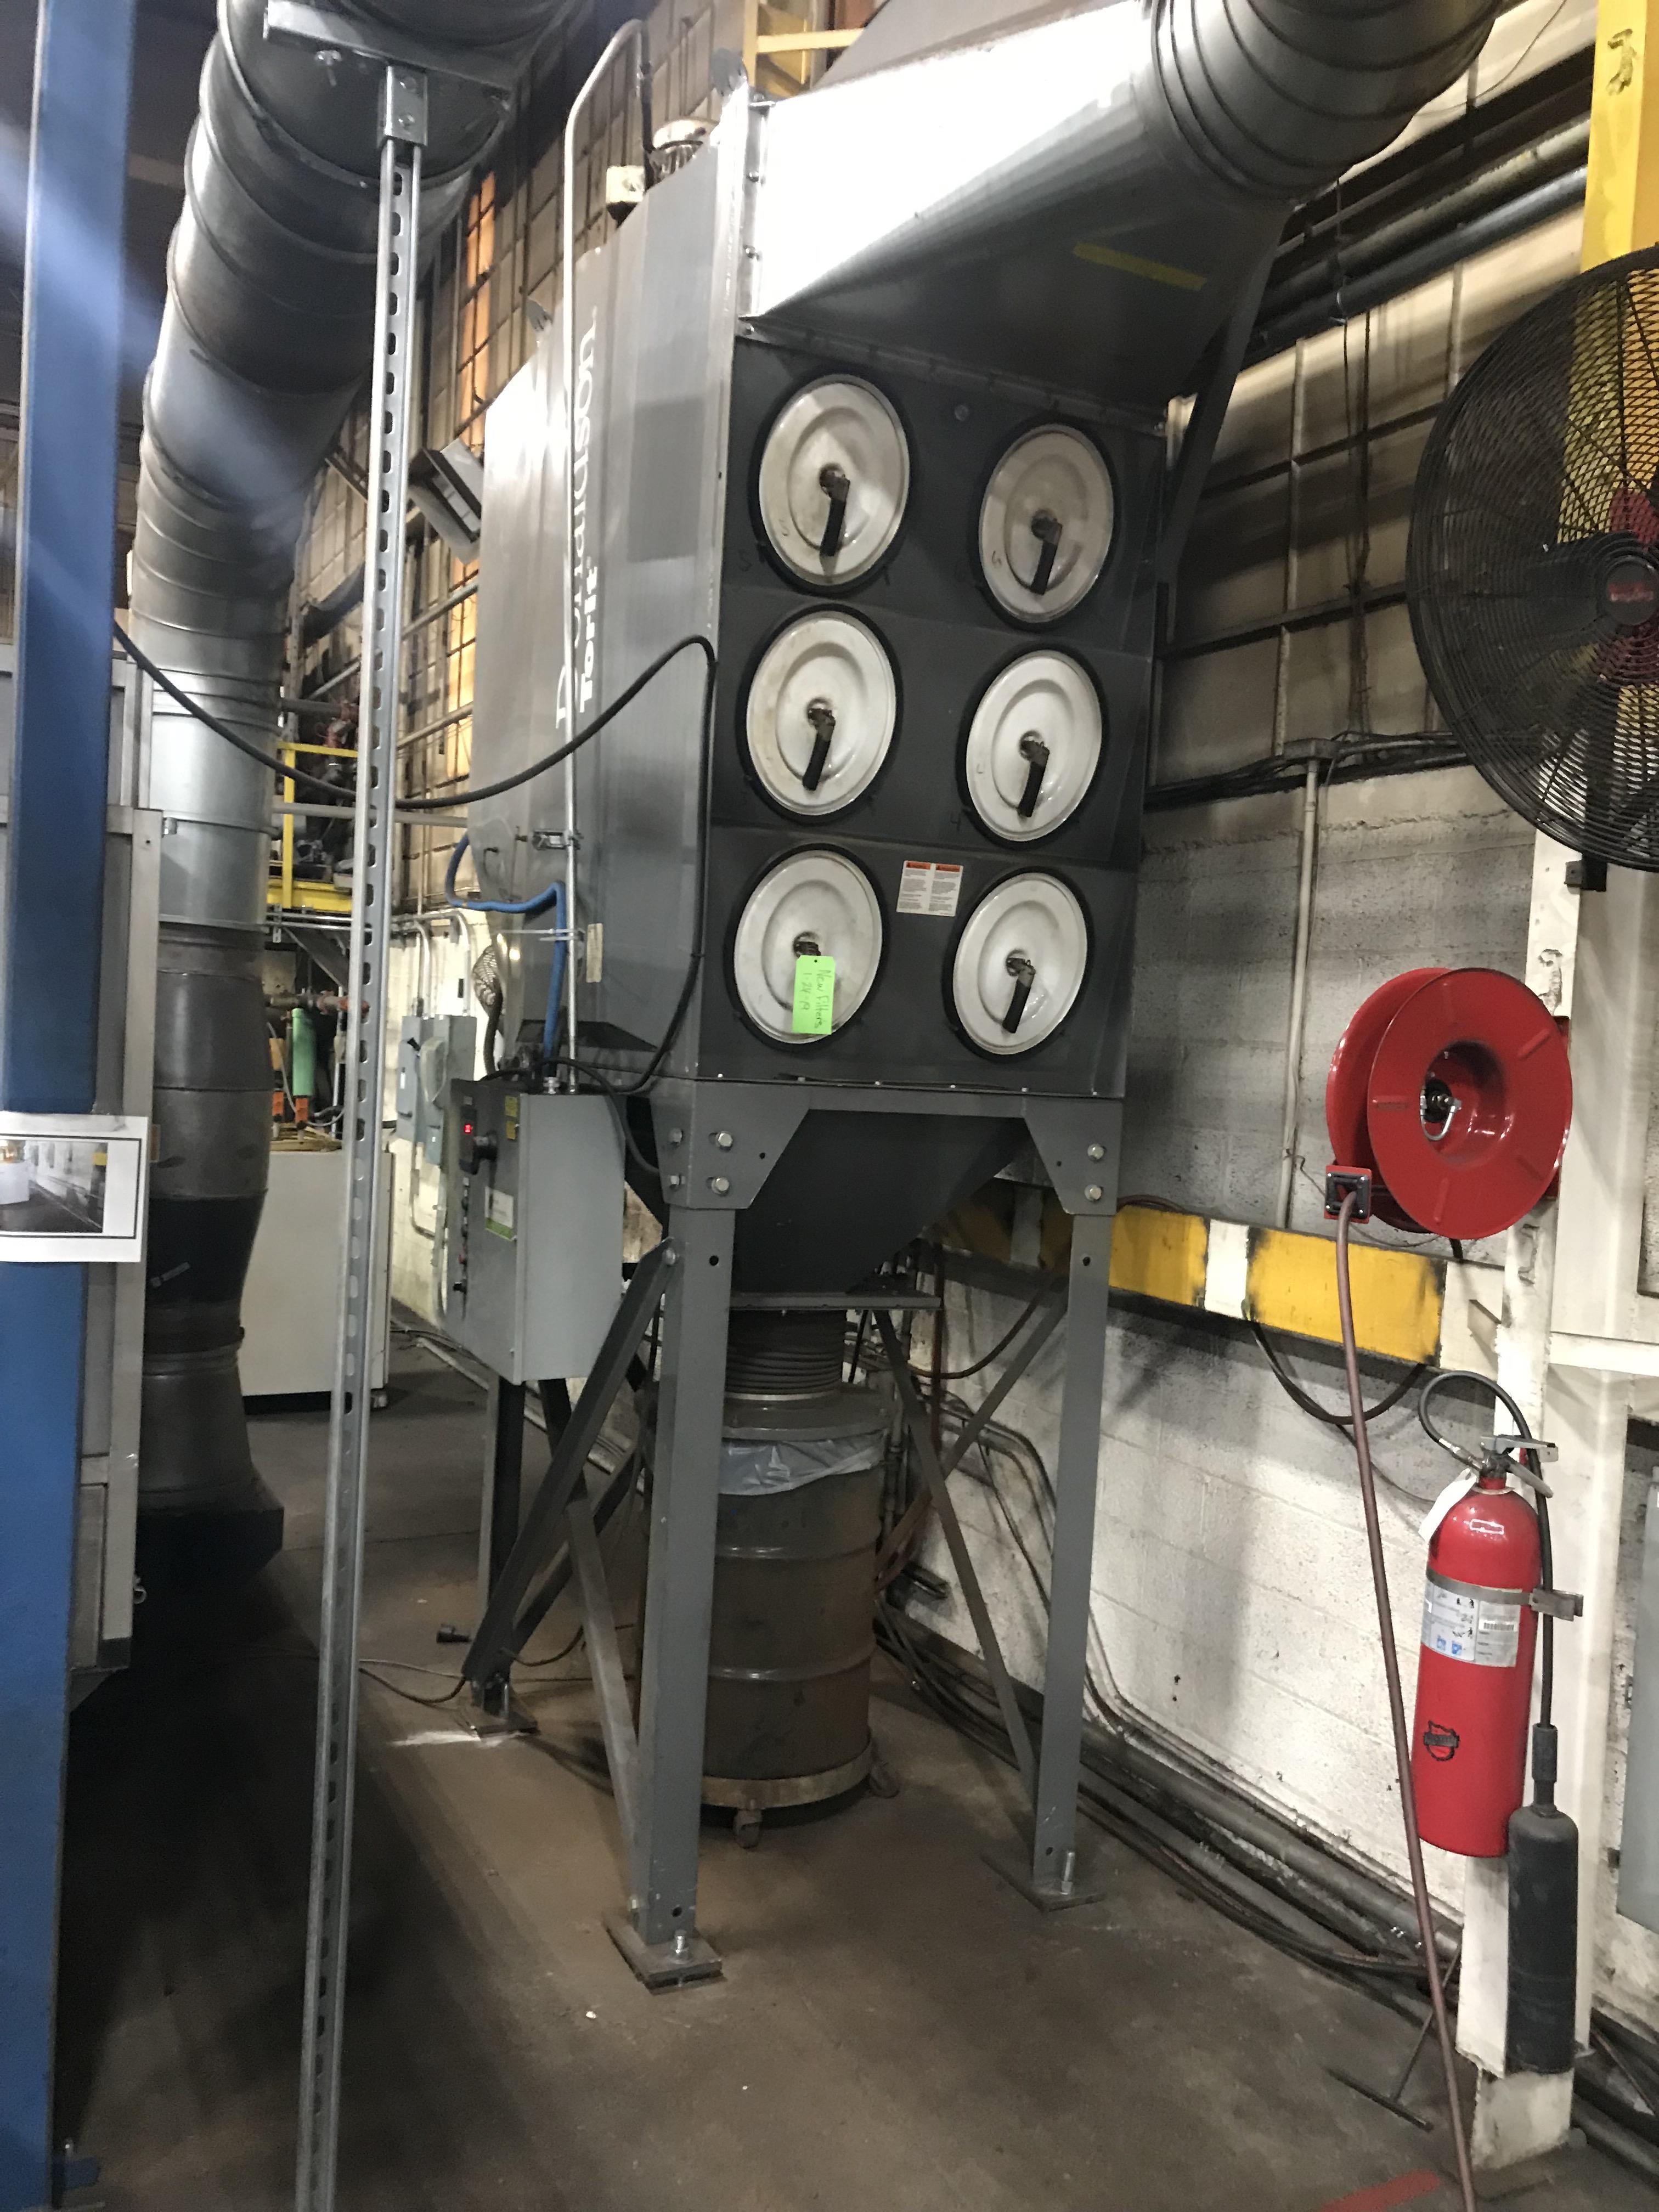 Cincinnati CL940 Fiber Laser, 4,000 Watt, 5' x 10' Dual Pallets, Chiller, Dust Collector, Low Hours - Image 4 of 7